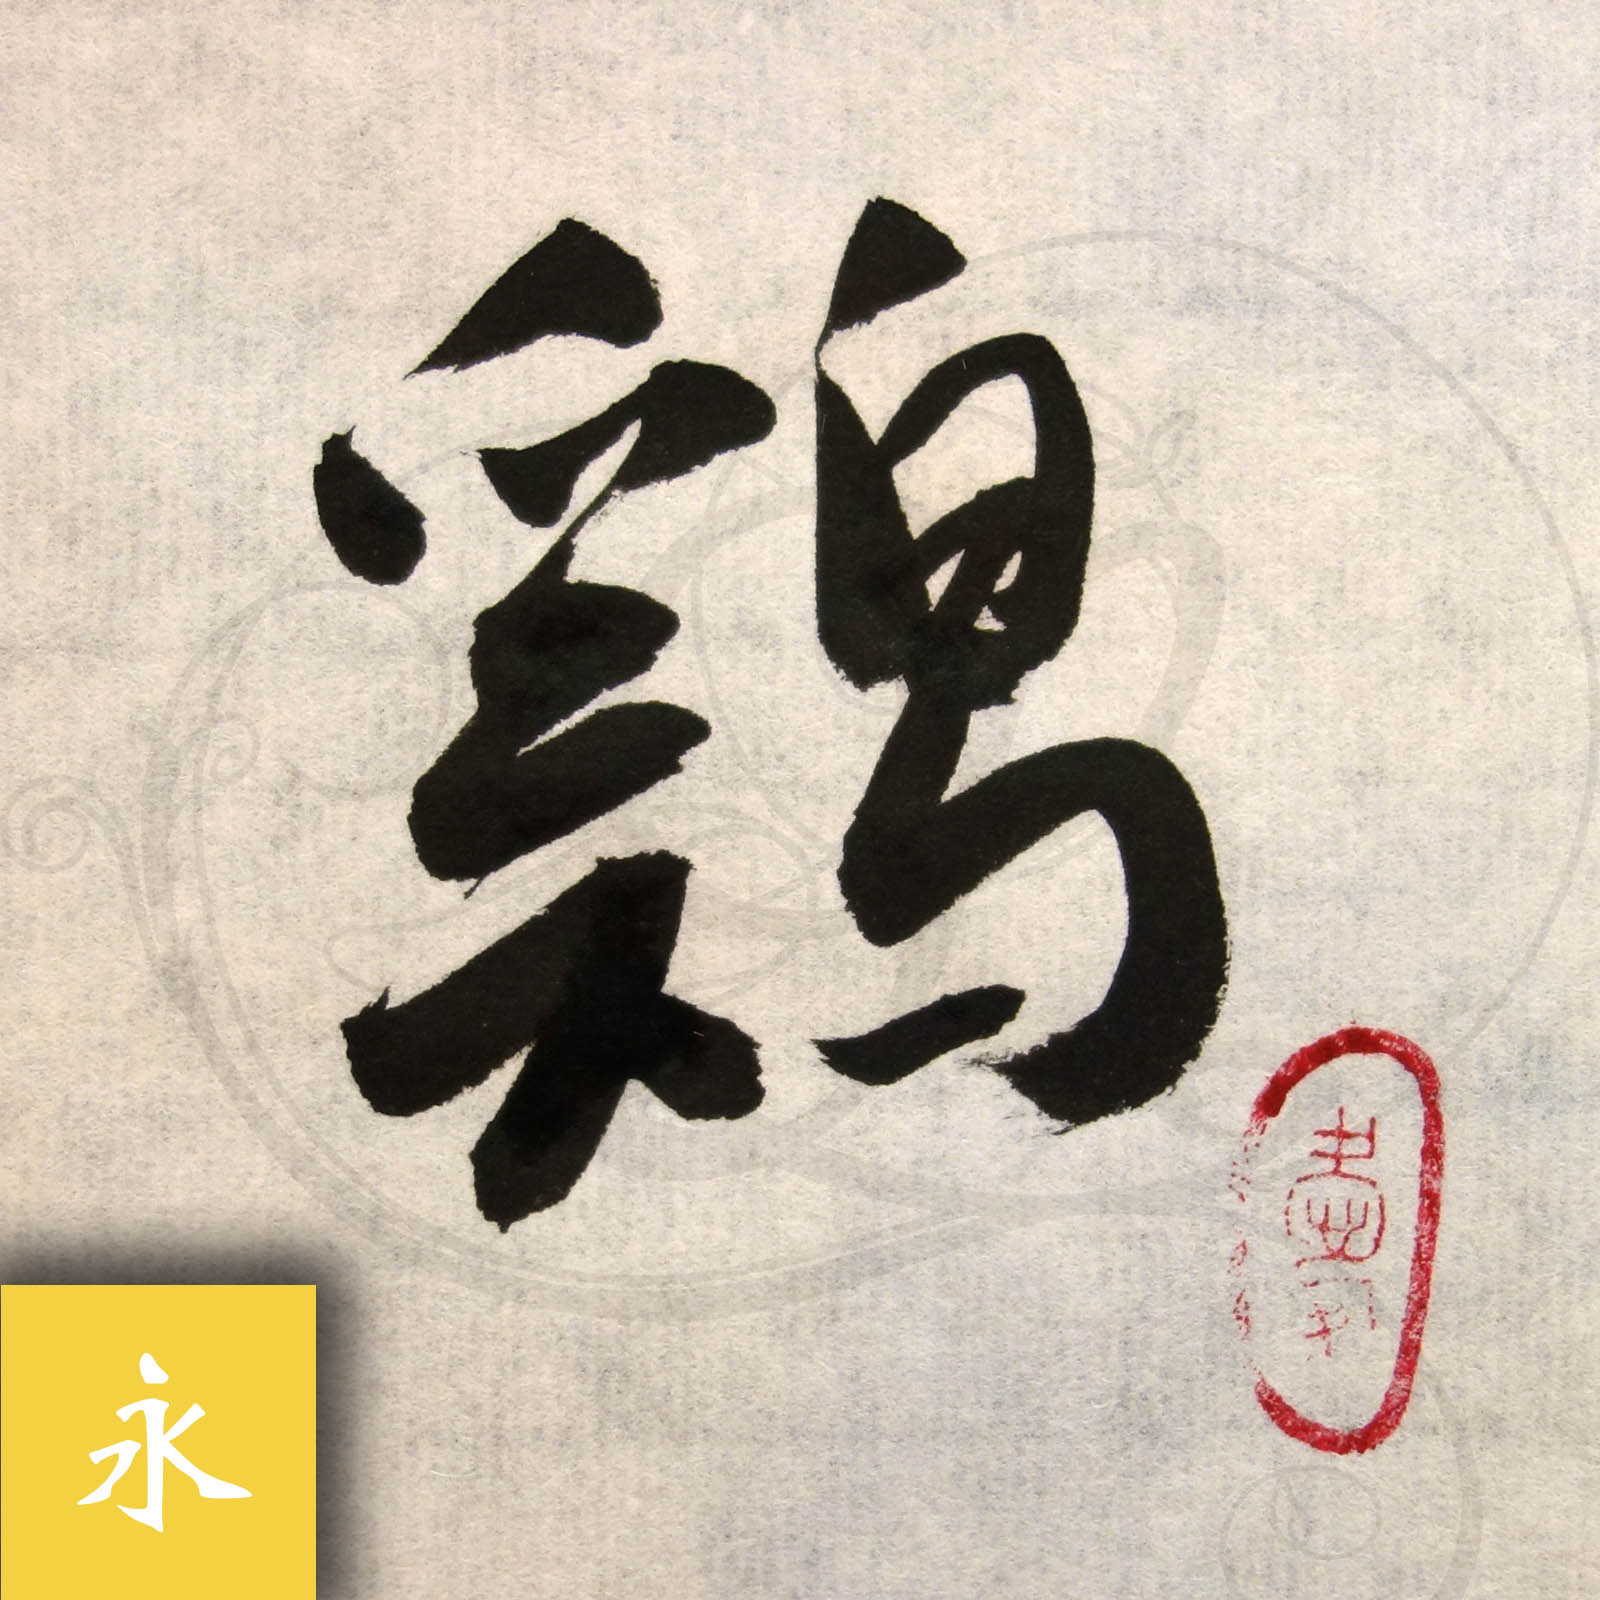 Calligraphie Originale Signe Coq Xing Shu Legendart